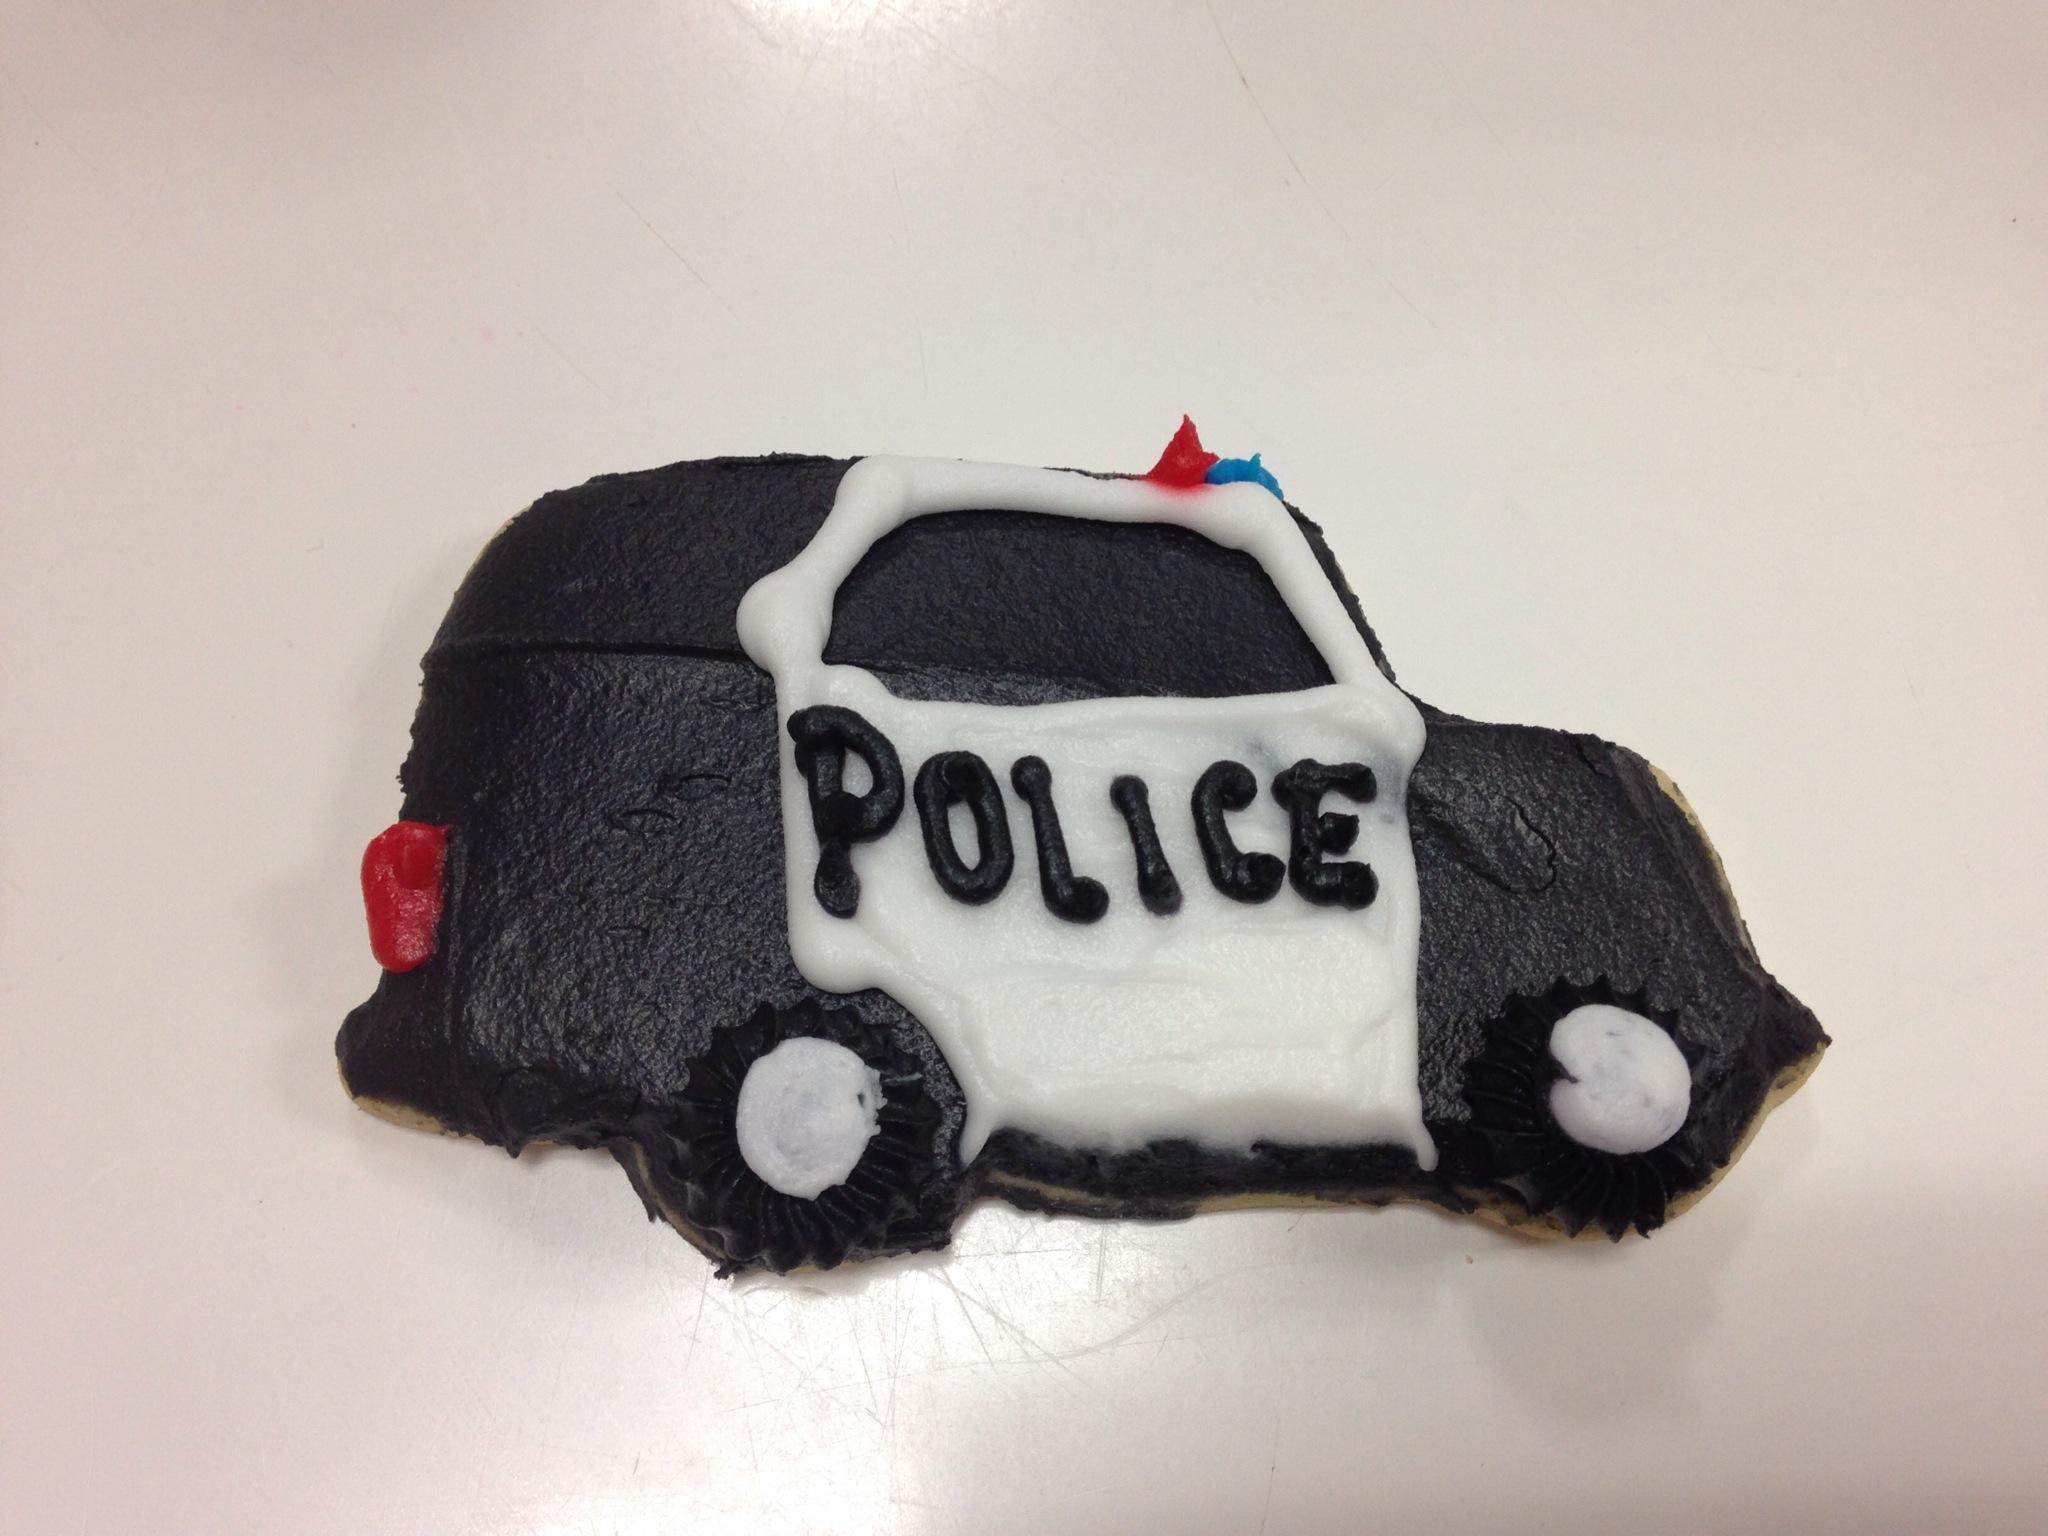 PoliceCarCookie.JPG